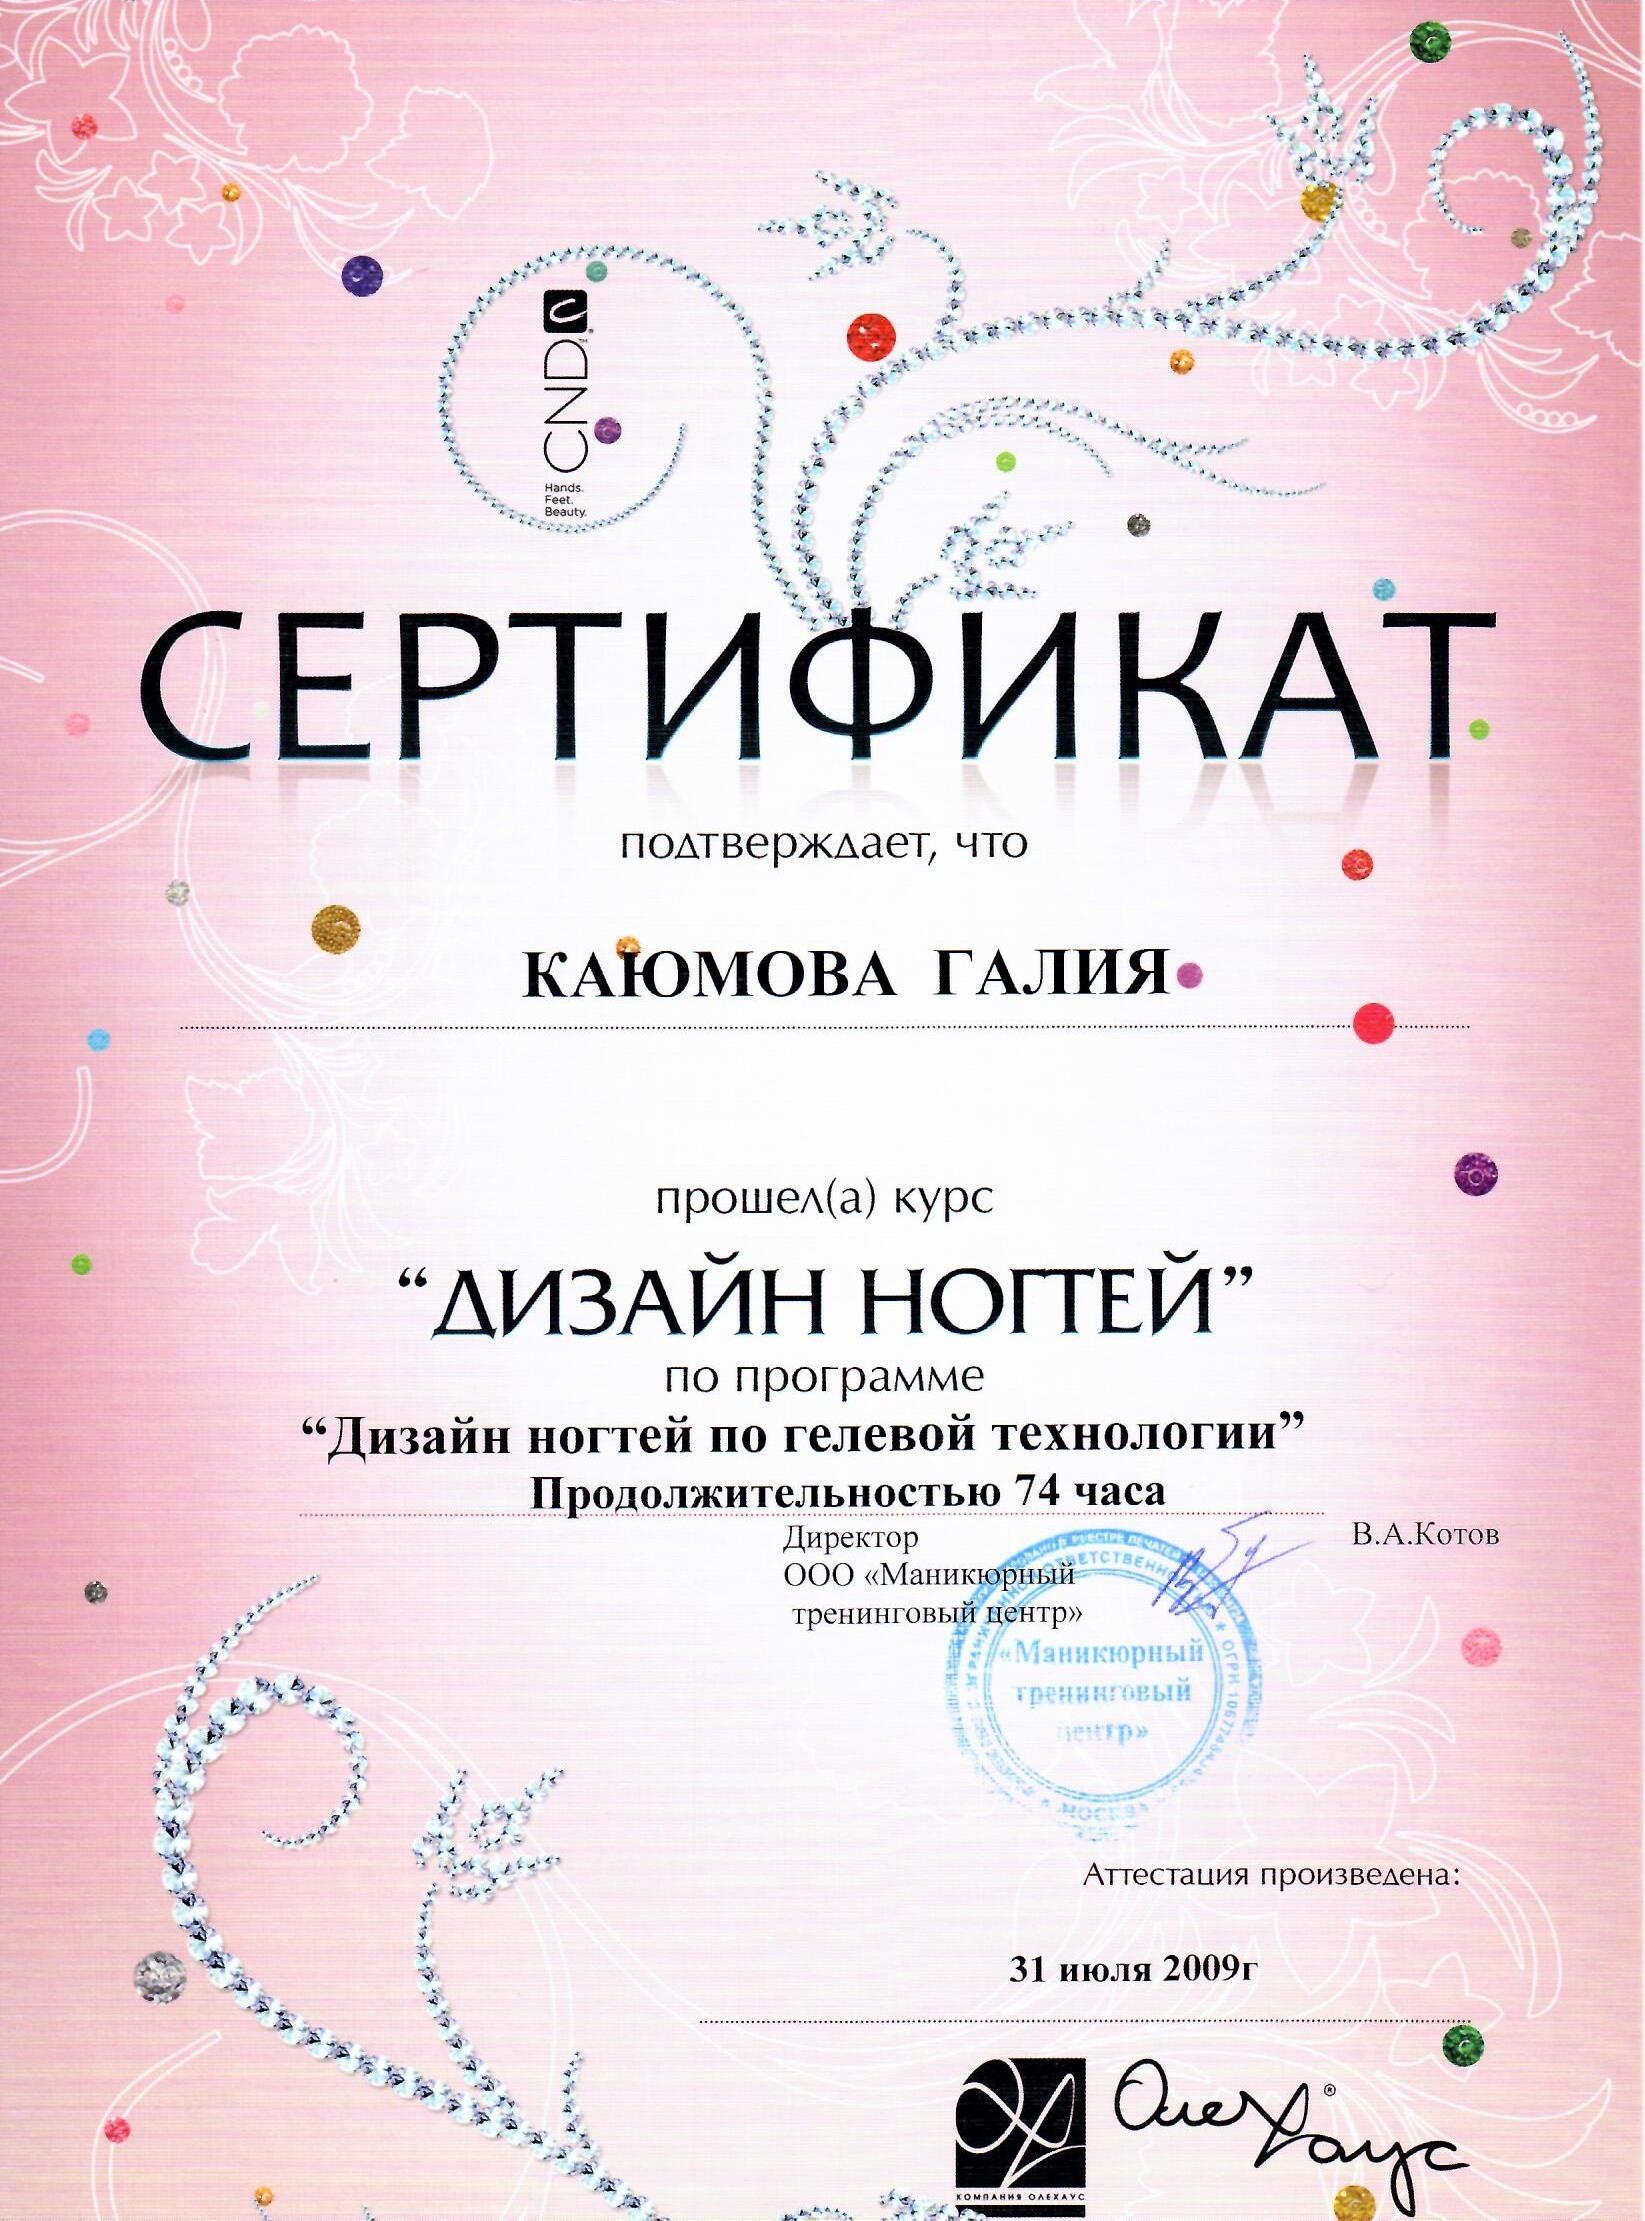 2009 дизайн ногтей по гелевой технологии